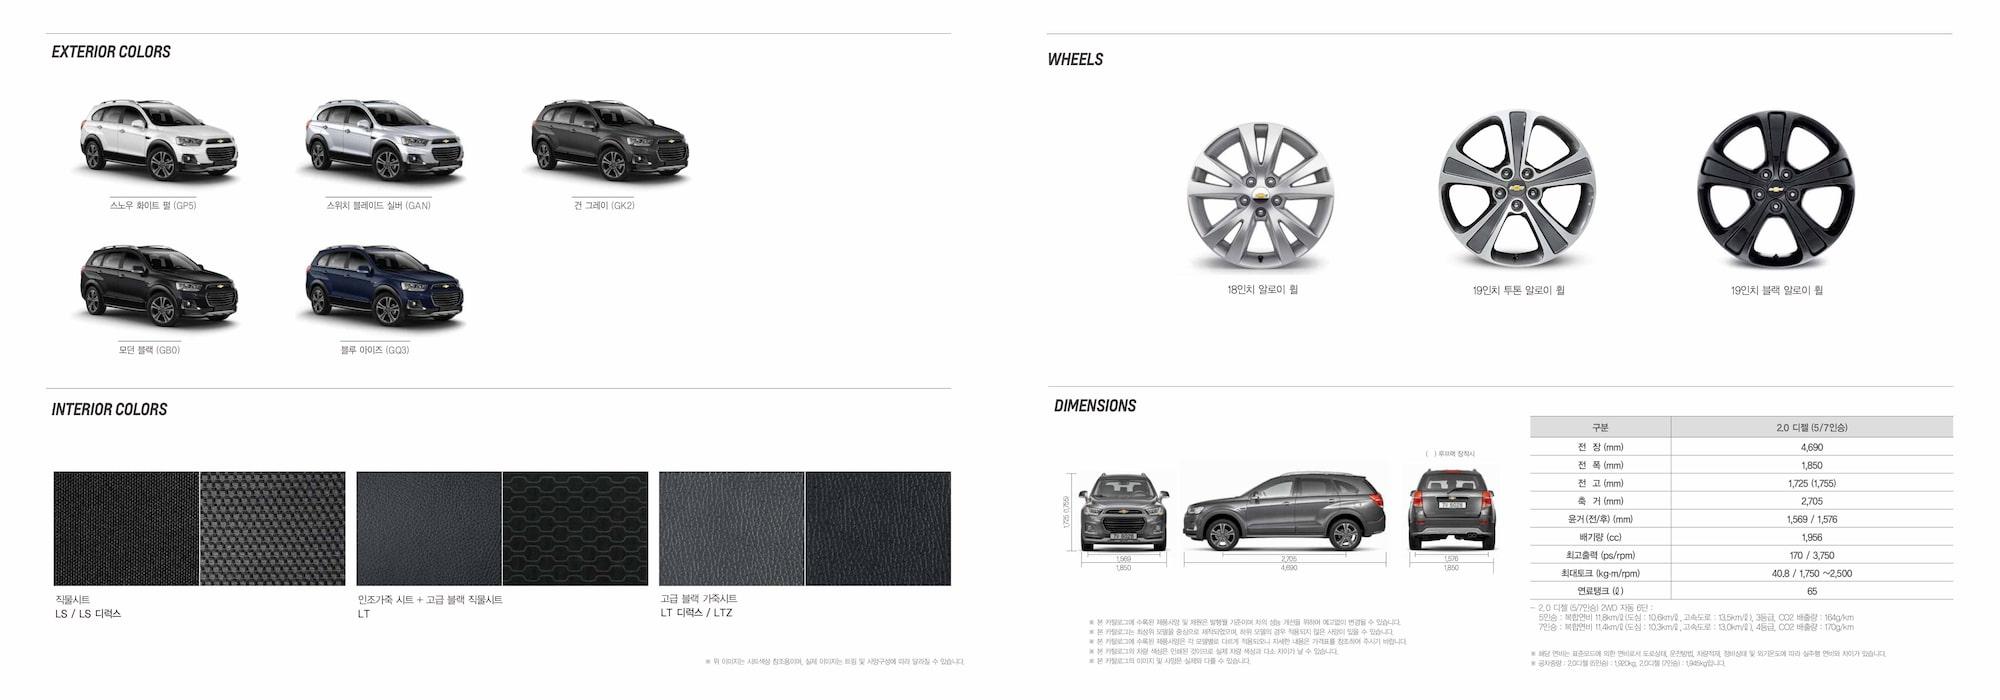 ... 카탈로그(e-Catalog) | 쉐보레(Chevrolet) 공식 웹사이트